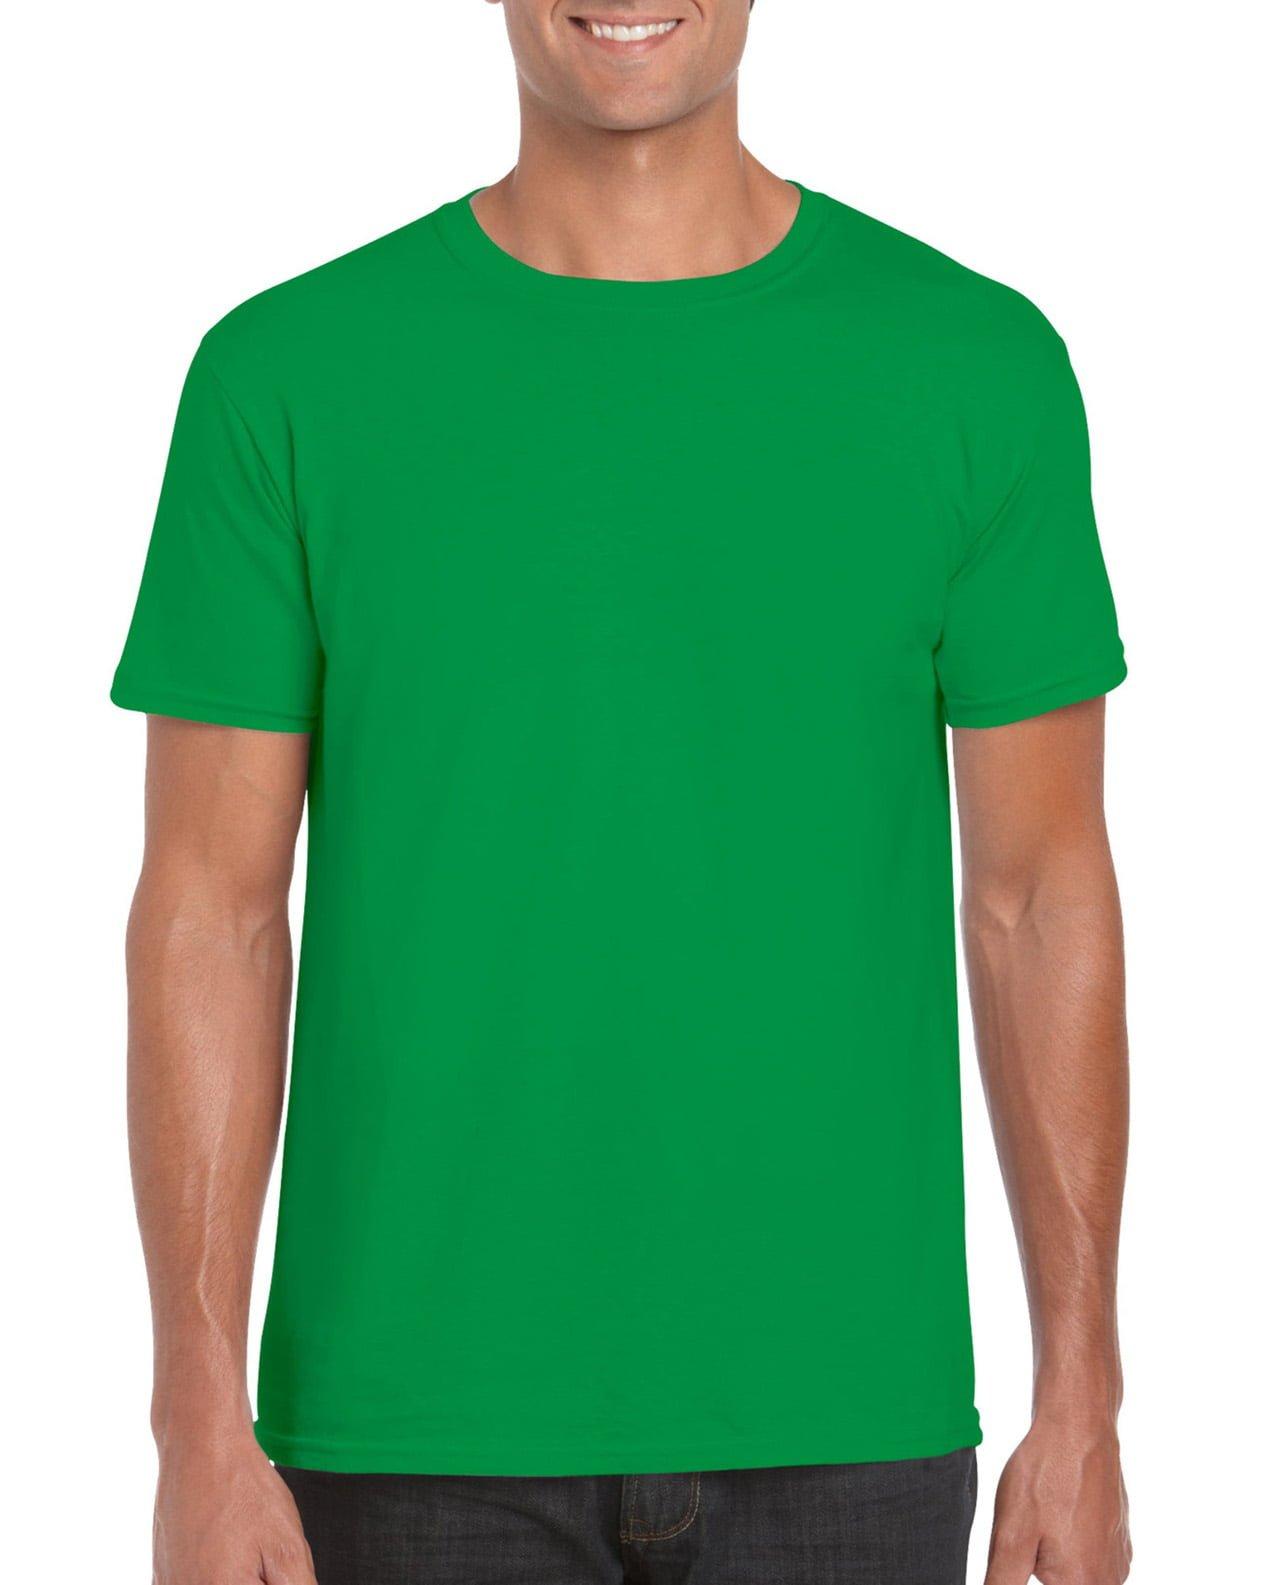 Softstyle Unisex Tee-Irish Green